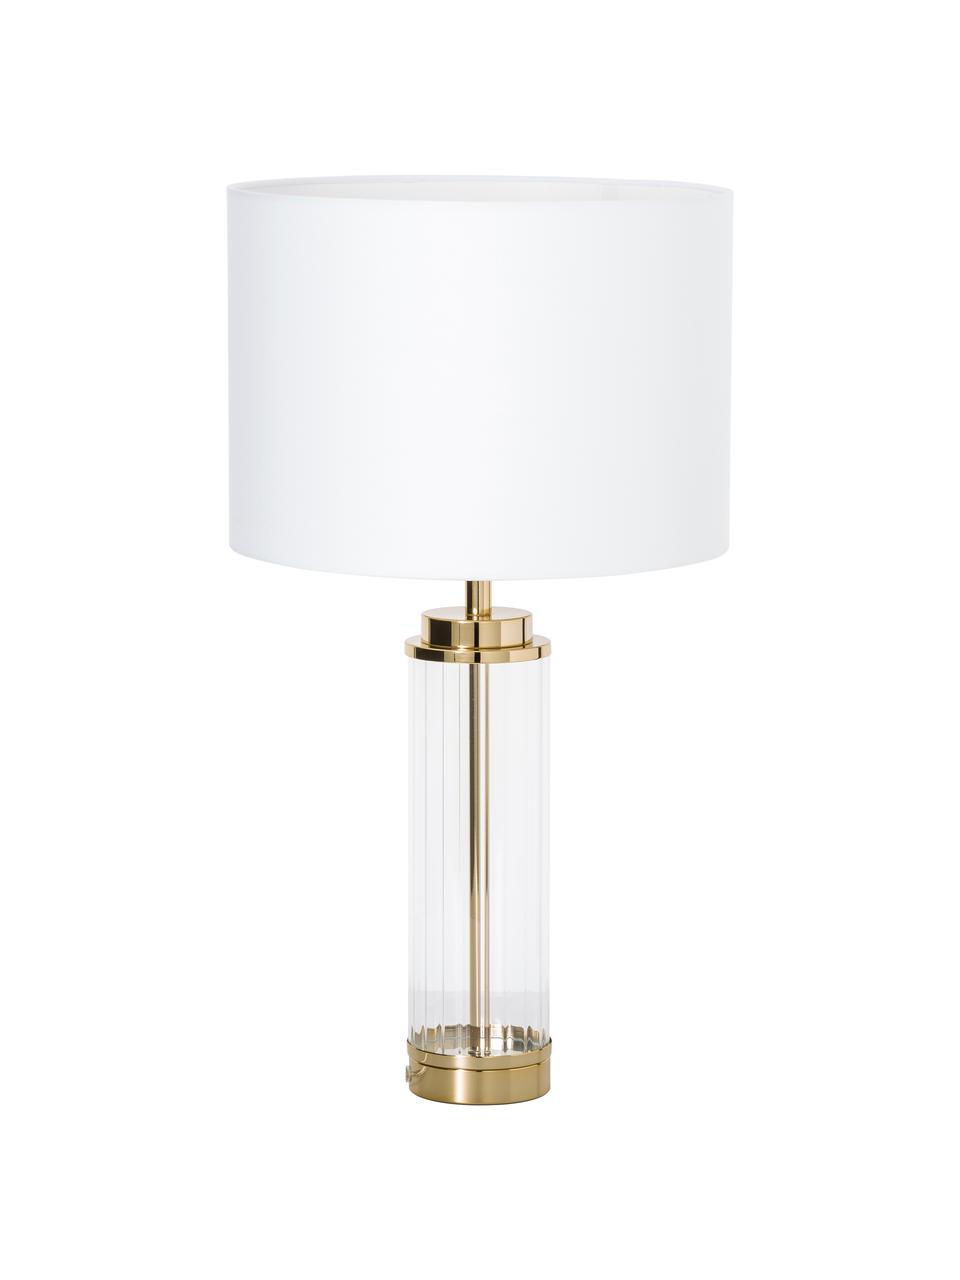 Lampada da tavolo Gabor, Paralume: tessuto, Base della lampada: metallo, vetro, Paralume: crema Base della lampada: dorato, Ø 35 x Alt. 64 cm